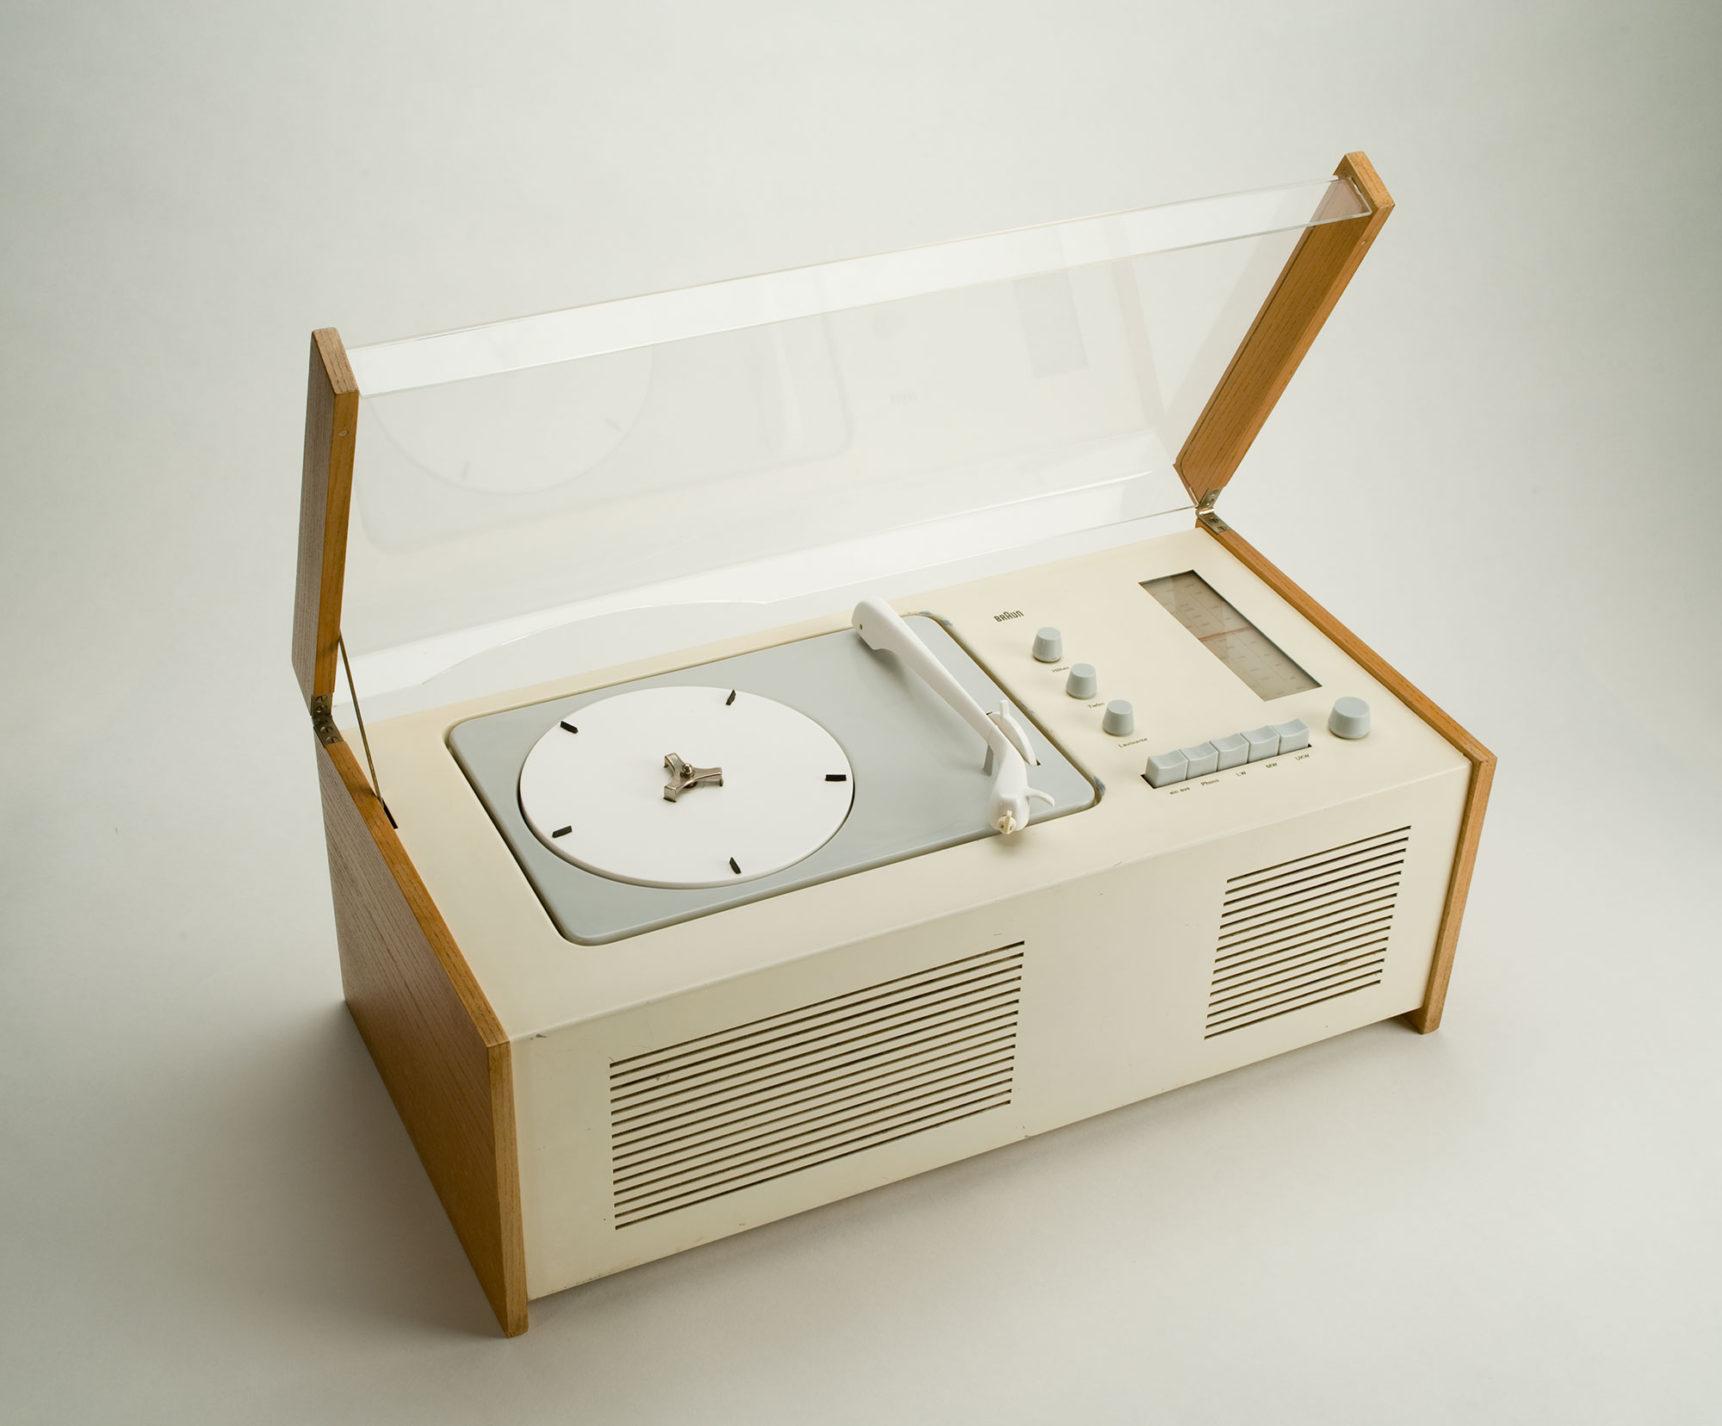 Tourne-disque rectangulaire de plastique blanc assorti de panneaux latéraux en bois. Il comprend un couvercle de plastique clair, une table tournante blanche et grise ainsi que des touches et boutons gris.